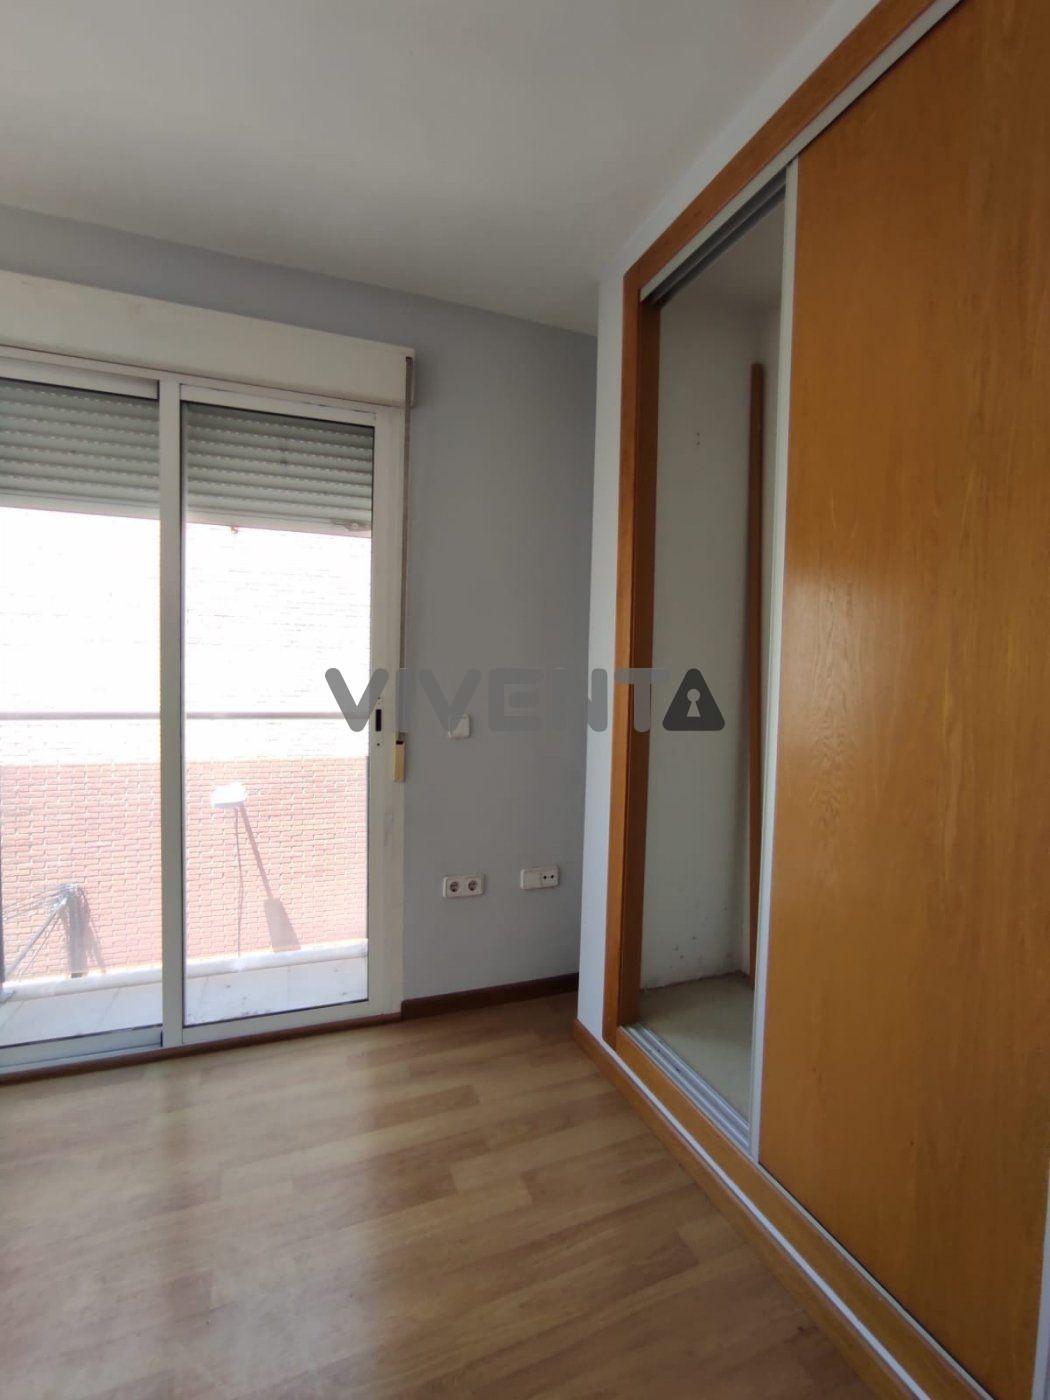 Piso · Murcia · La Alberca 59.500€€